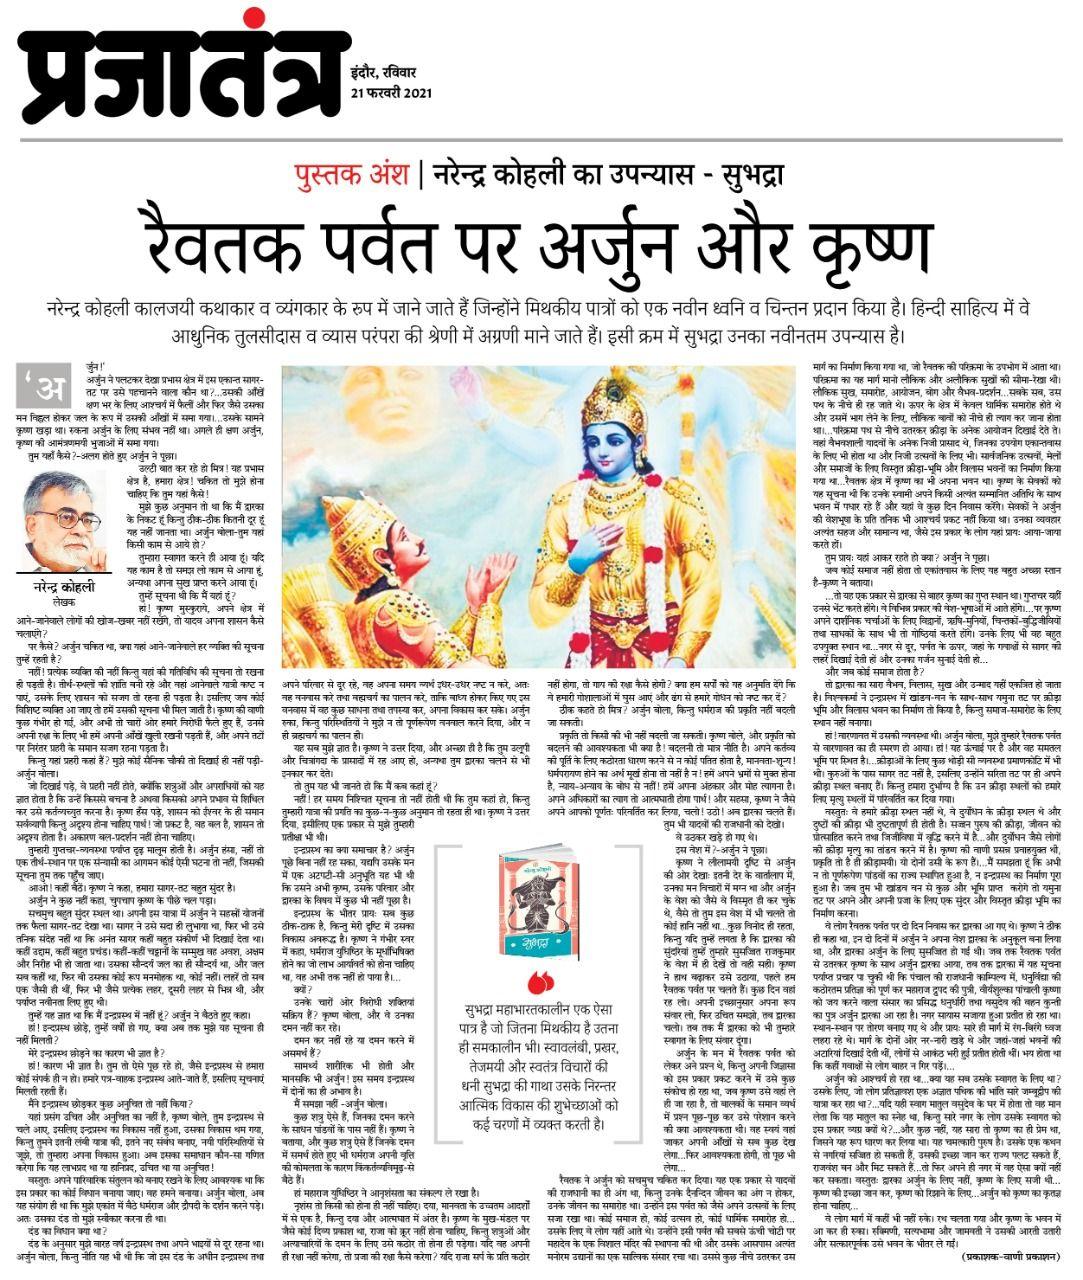 Subhadra - Dr. Narendra Kohli